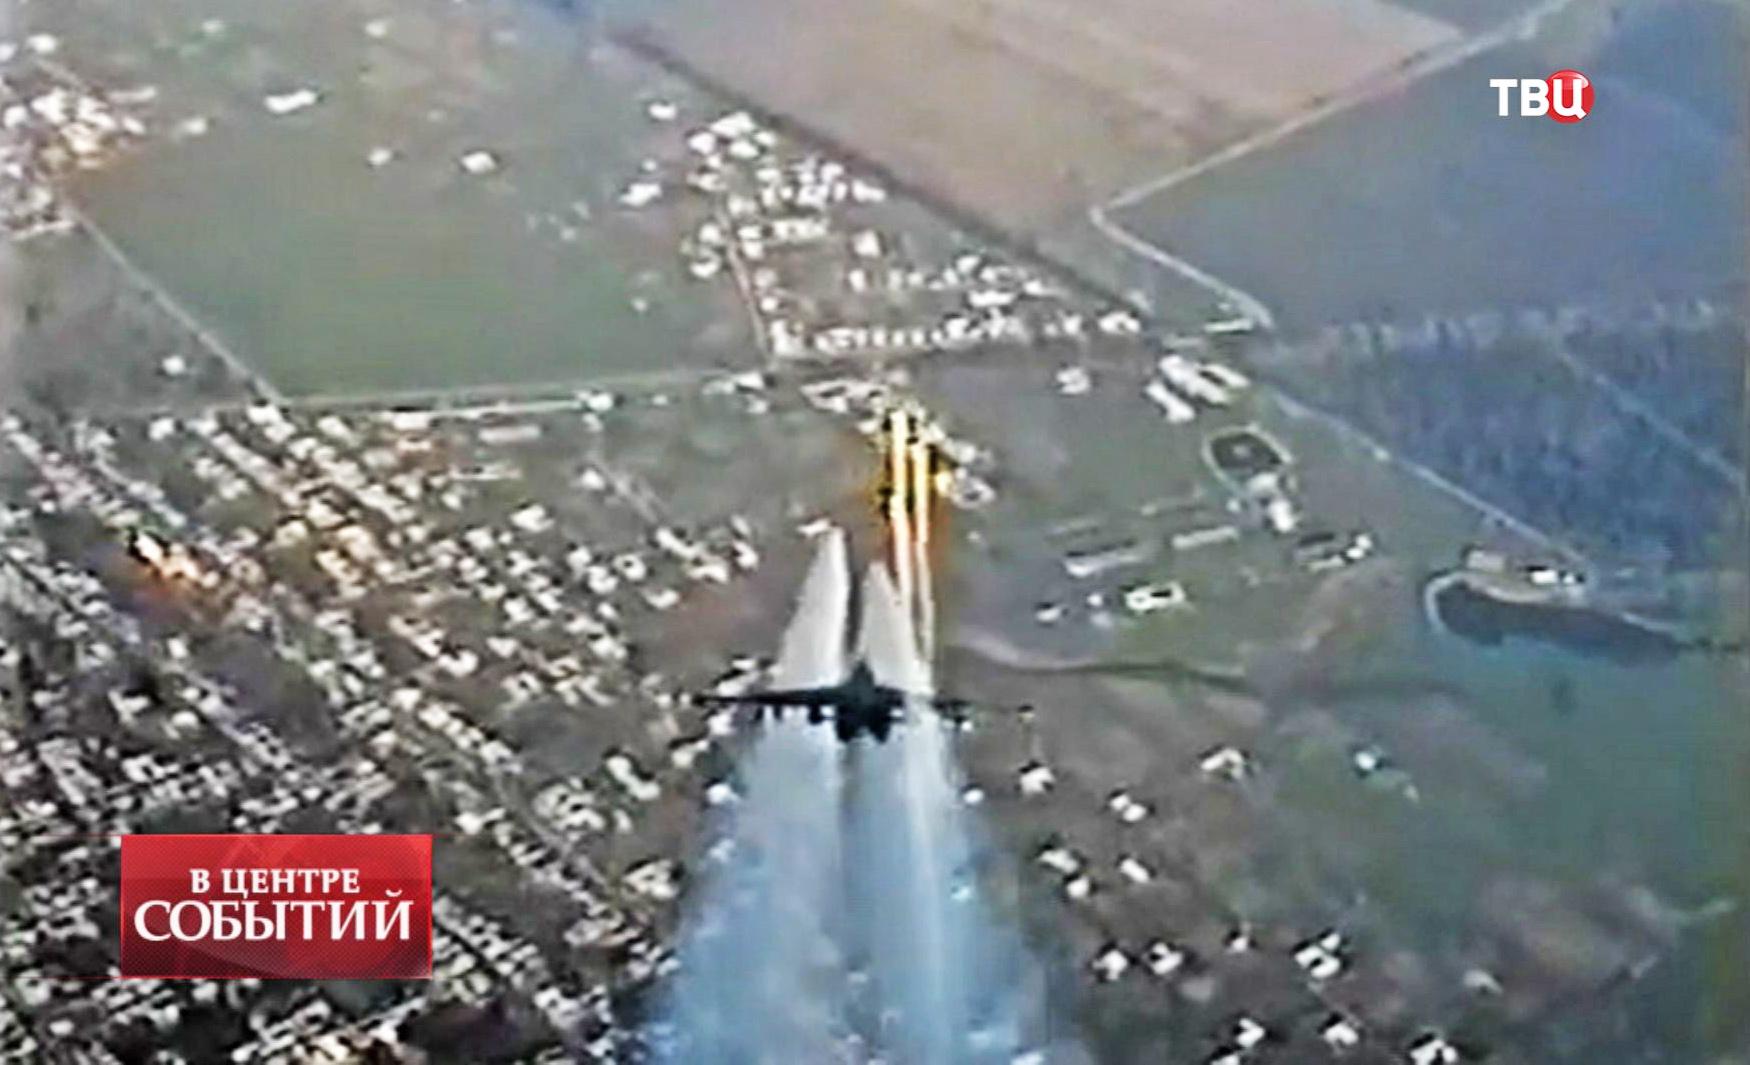 Штурмовик Су-25 ВВС Украины наносит ракетный удар по позициям ополчения